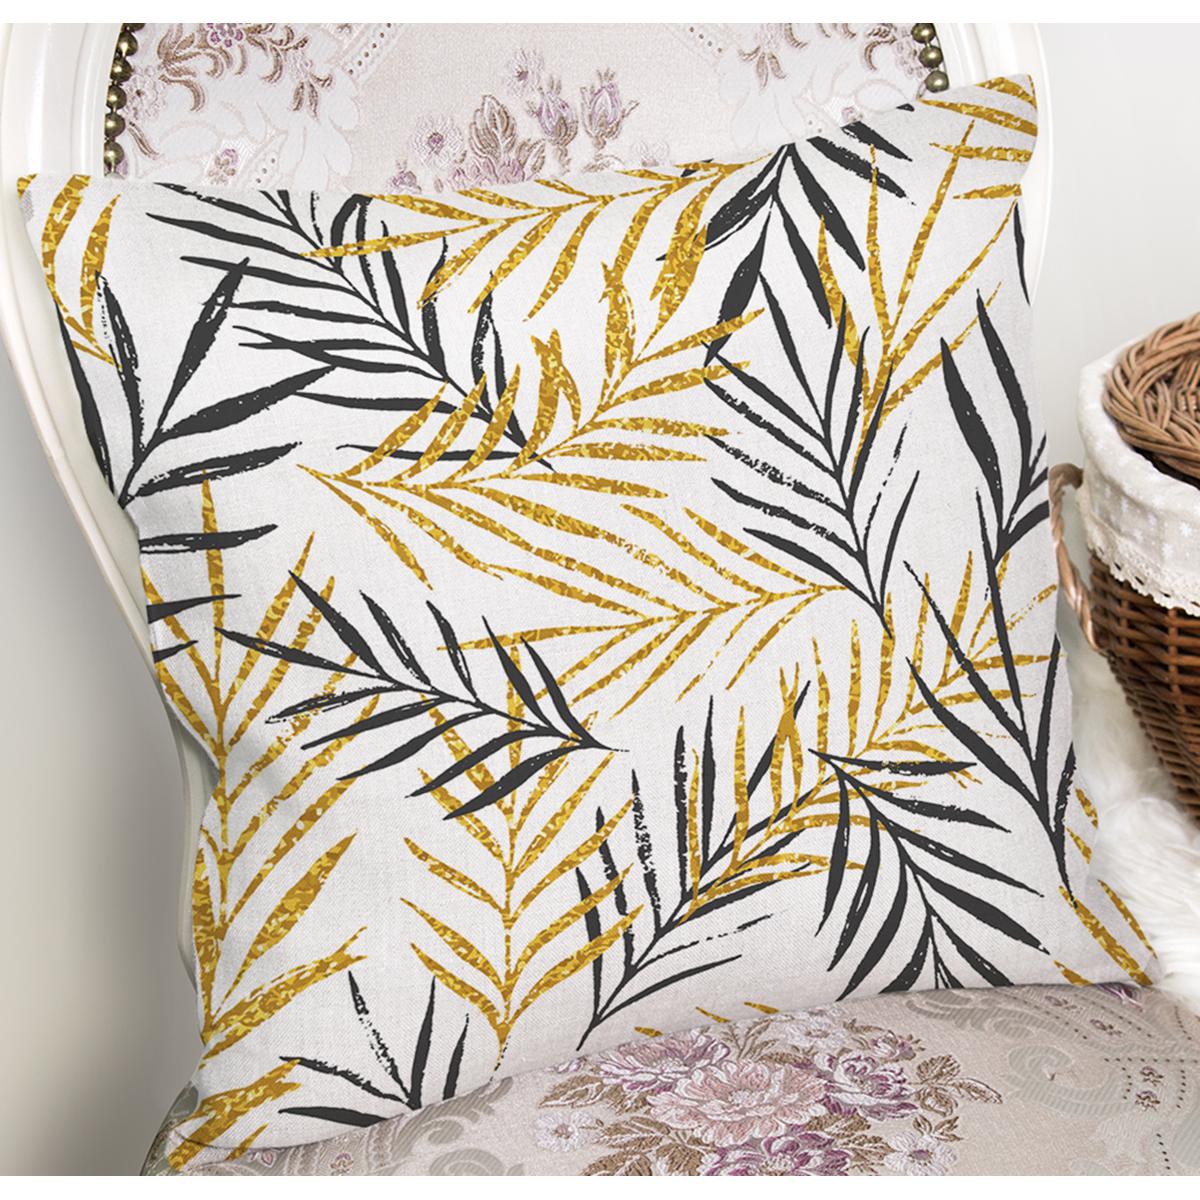 Beyaz Zemin Üzerinde Gold Detaylı Yaprak Desenli Modern Yastık Kırlent Kılıfı Realhomes